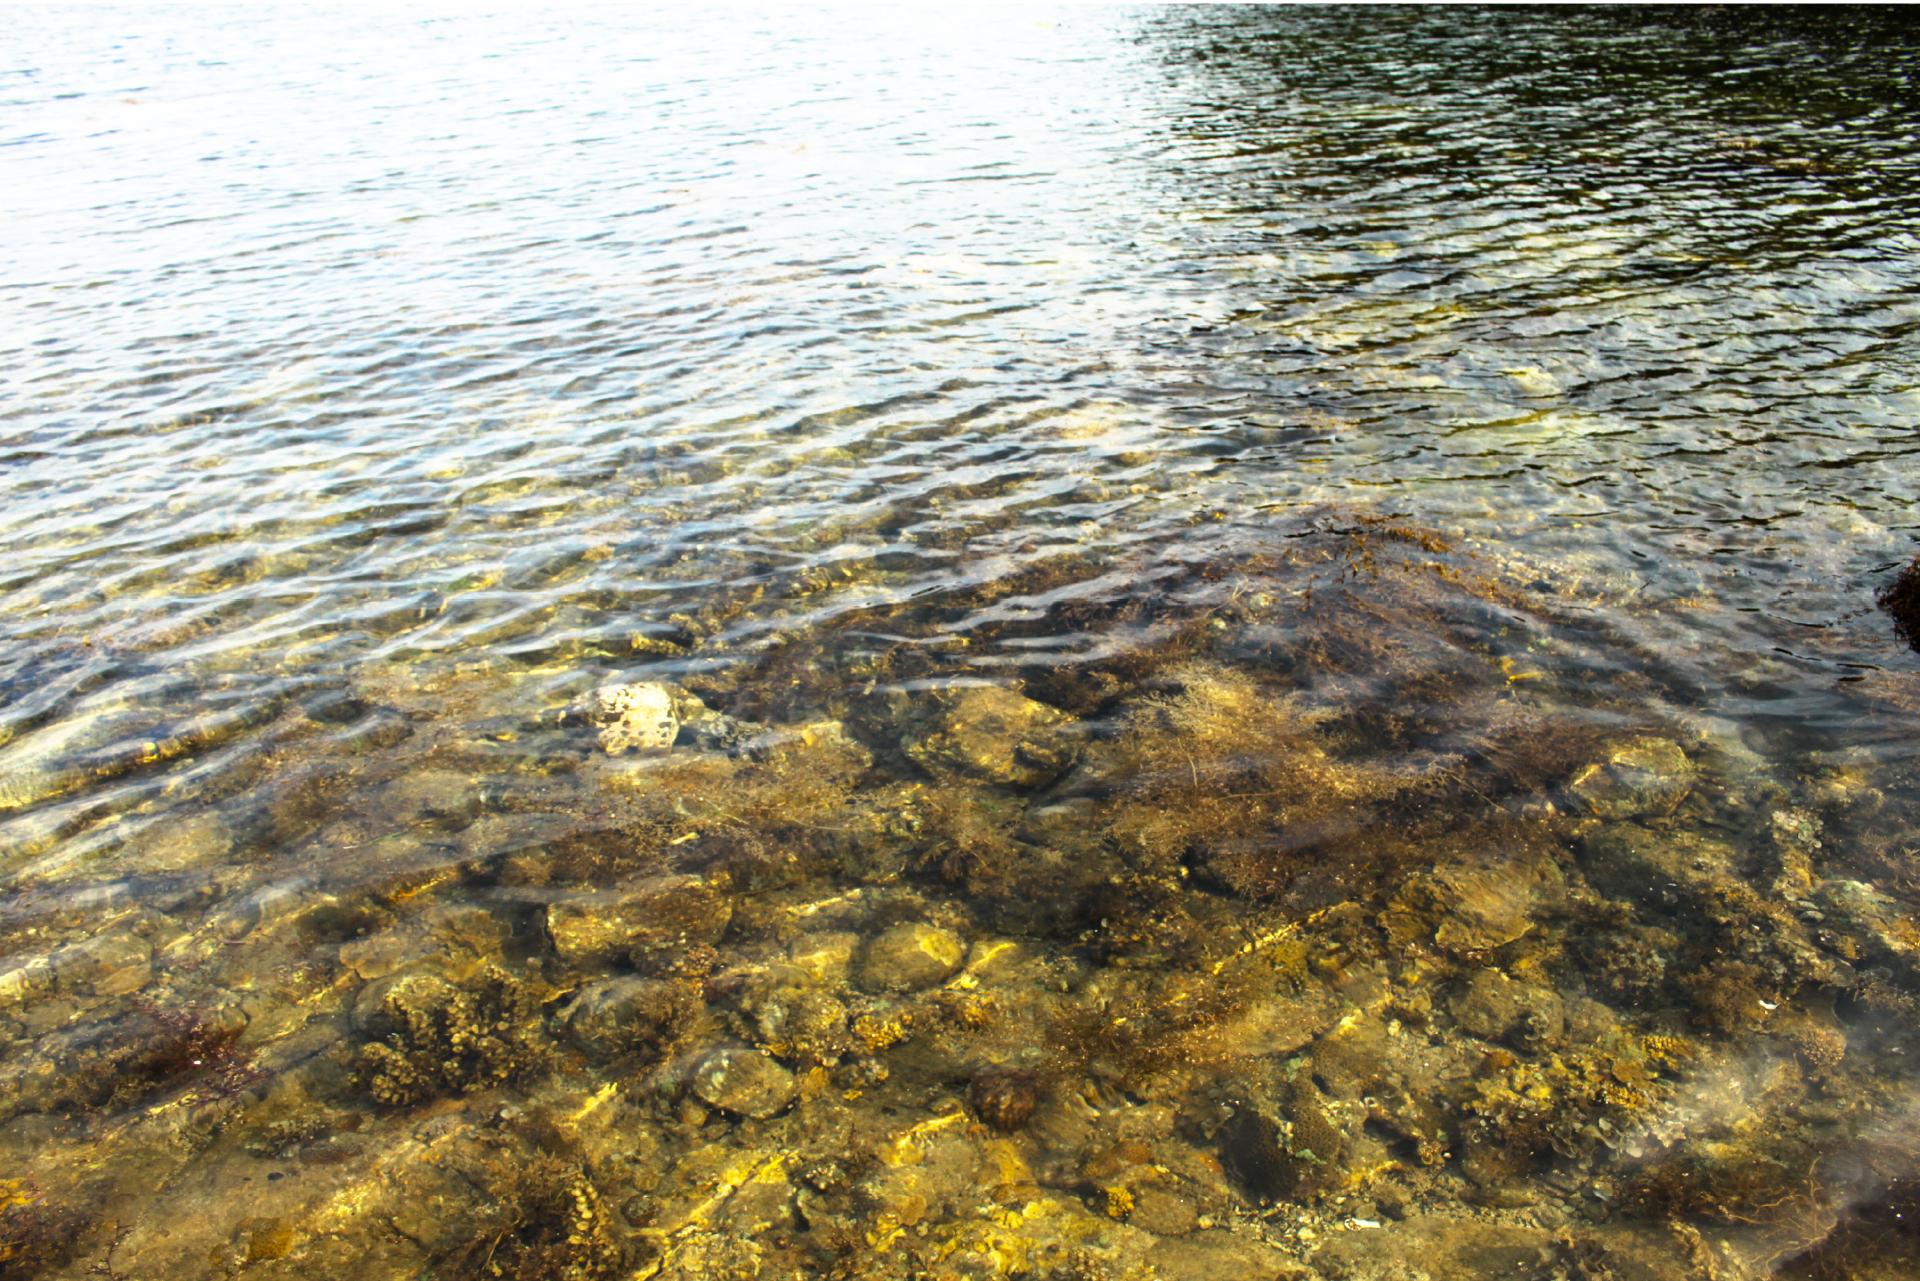 Vẻ đẹp của rong mơ biển trong mùa thu hoạch ảnh 30